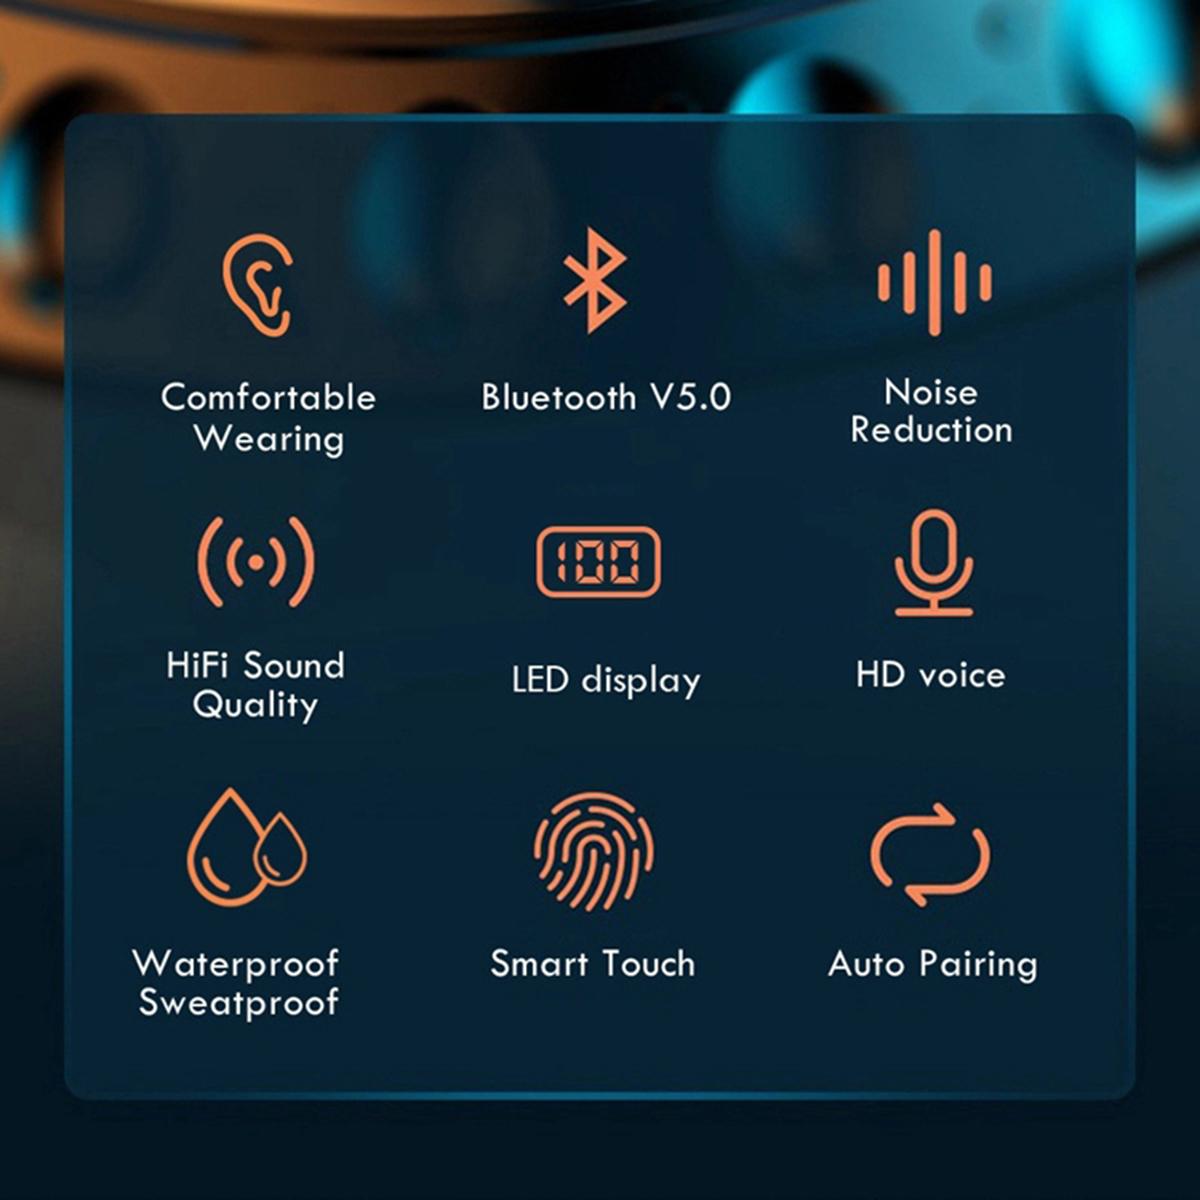 ワイヤレス ヘッドセット イヤホン 黒 防水 モバイルバッテリー HiFiステレオ Bluetooth5.0 イヤフォン LEDディスプレイ